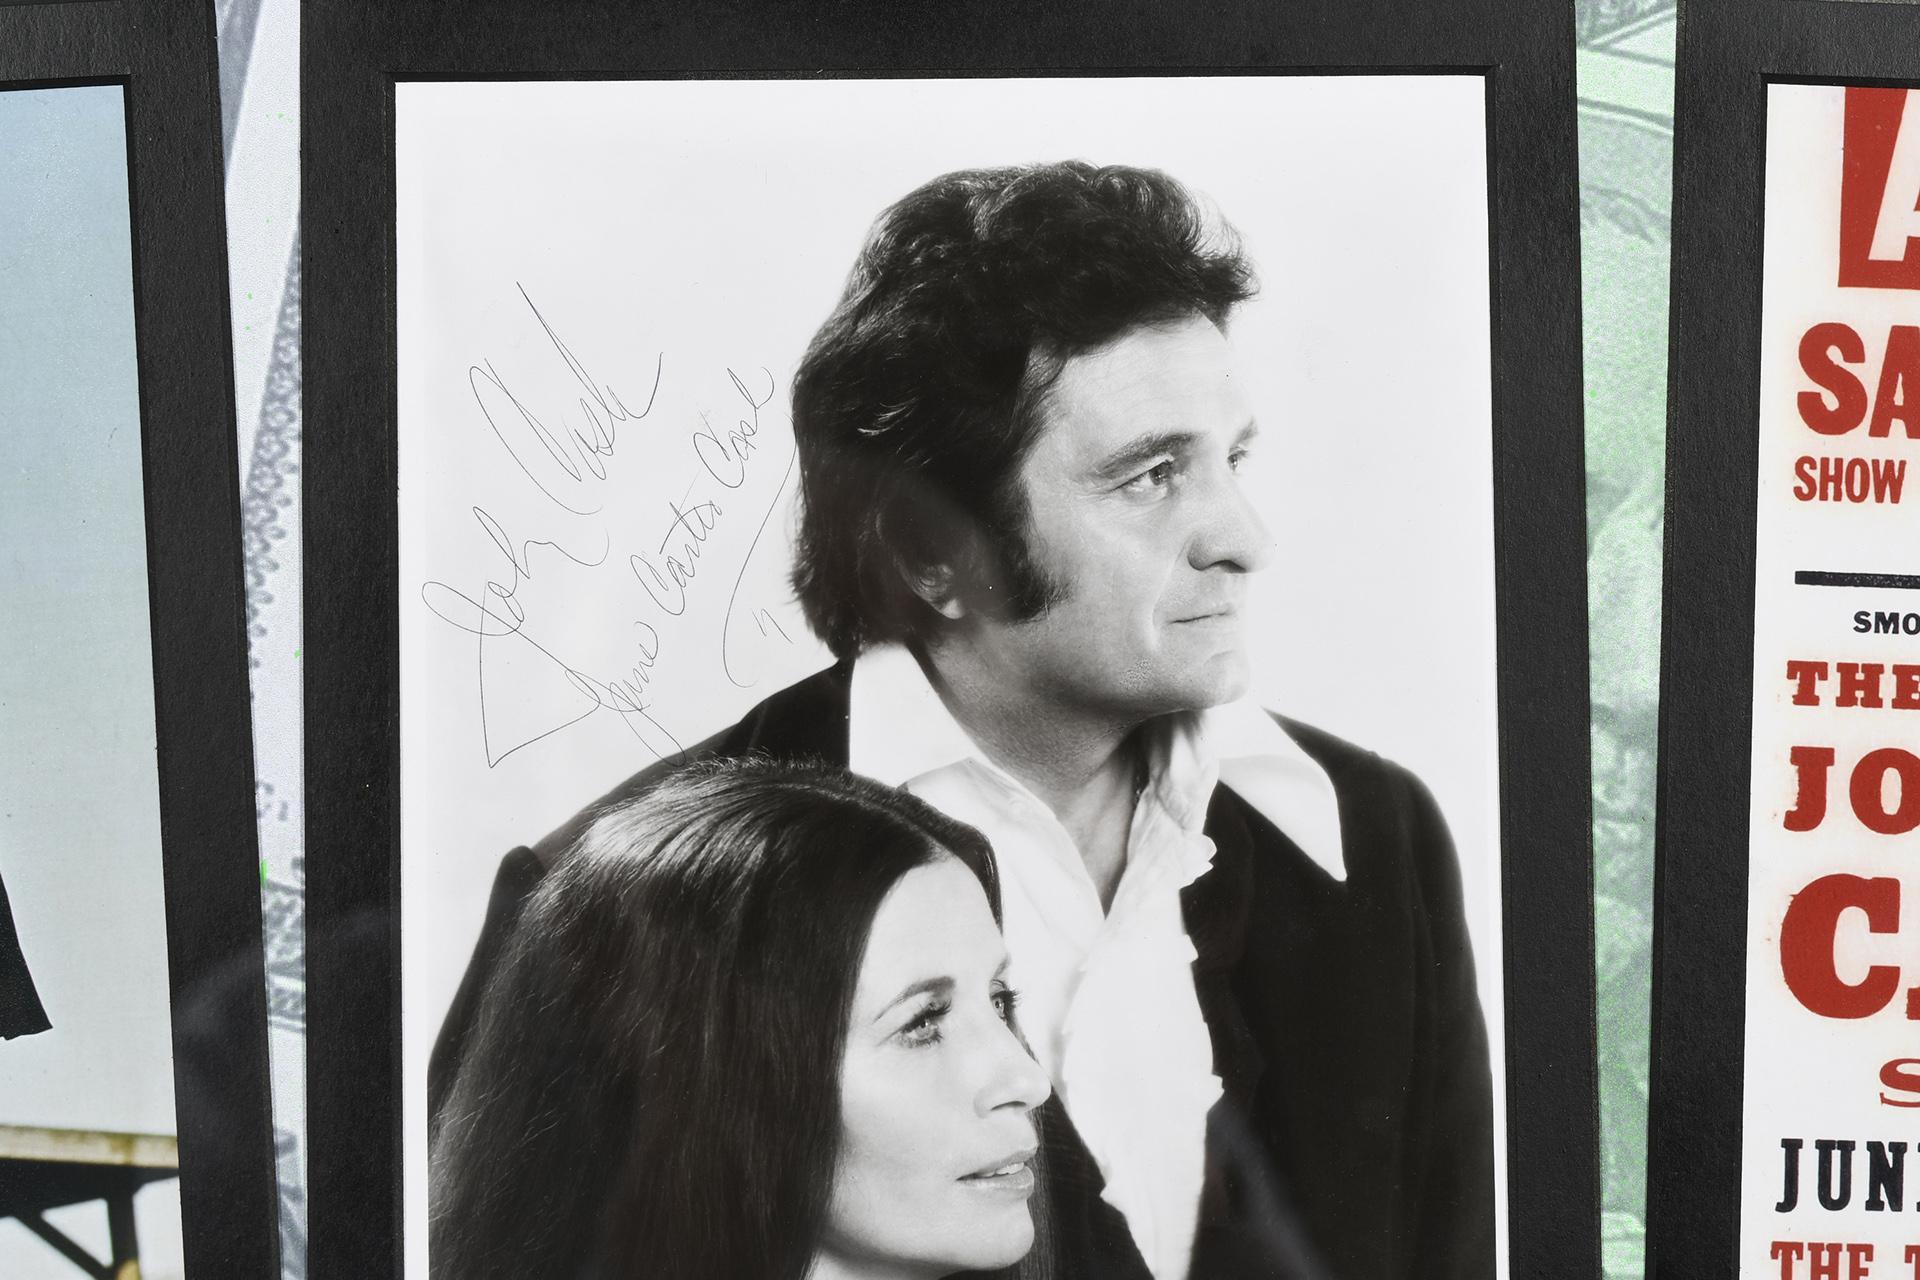 Johnny Cash Framed Art Presentation with Original Signature